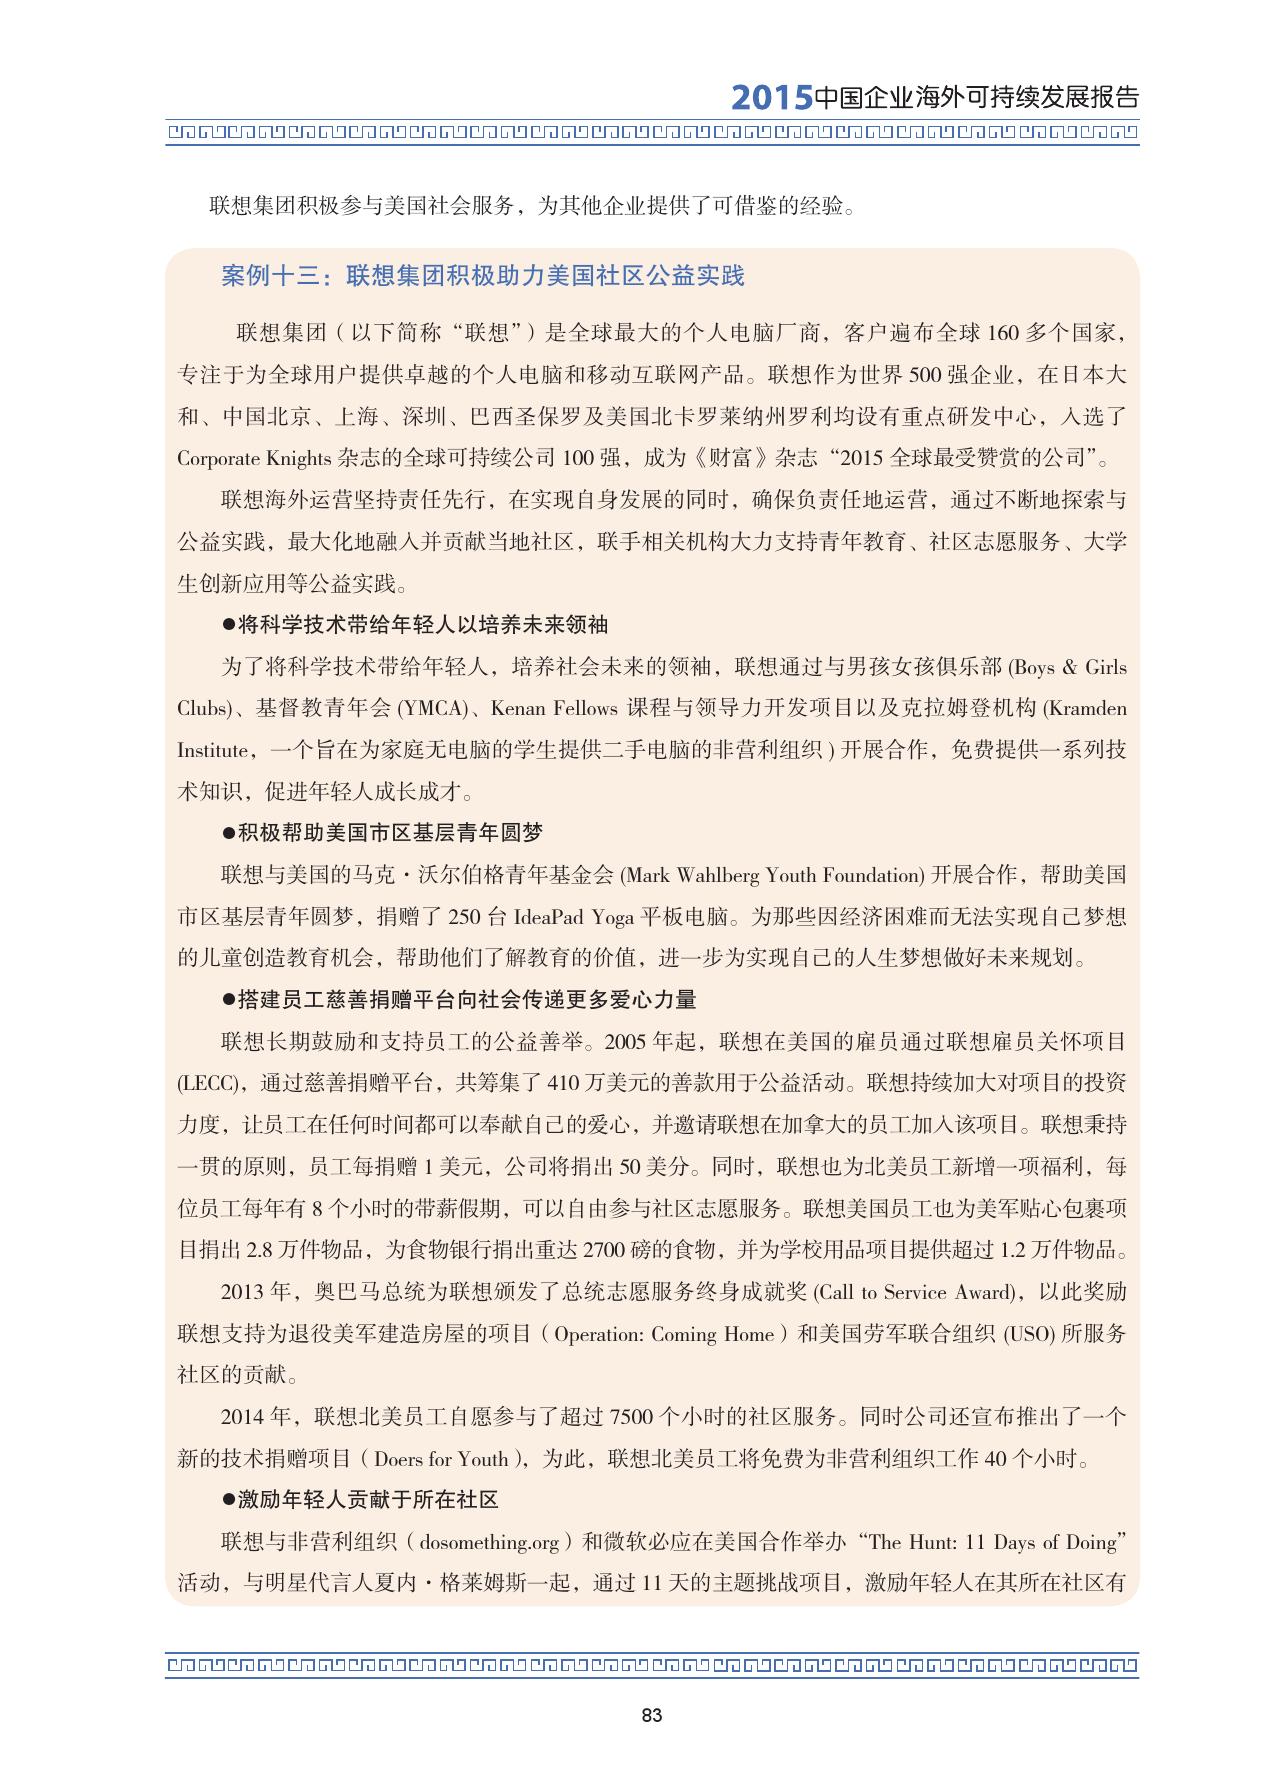 2015中国企业海外可持续发展报告_000097